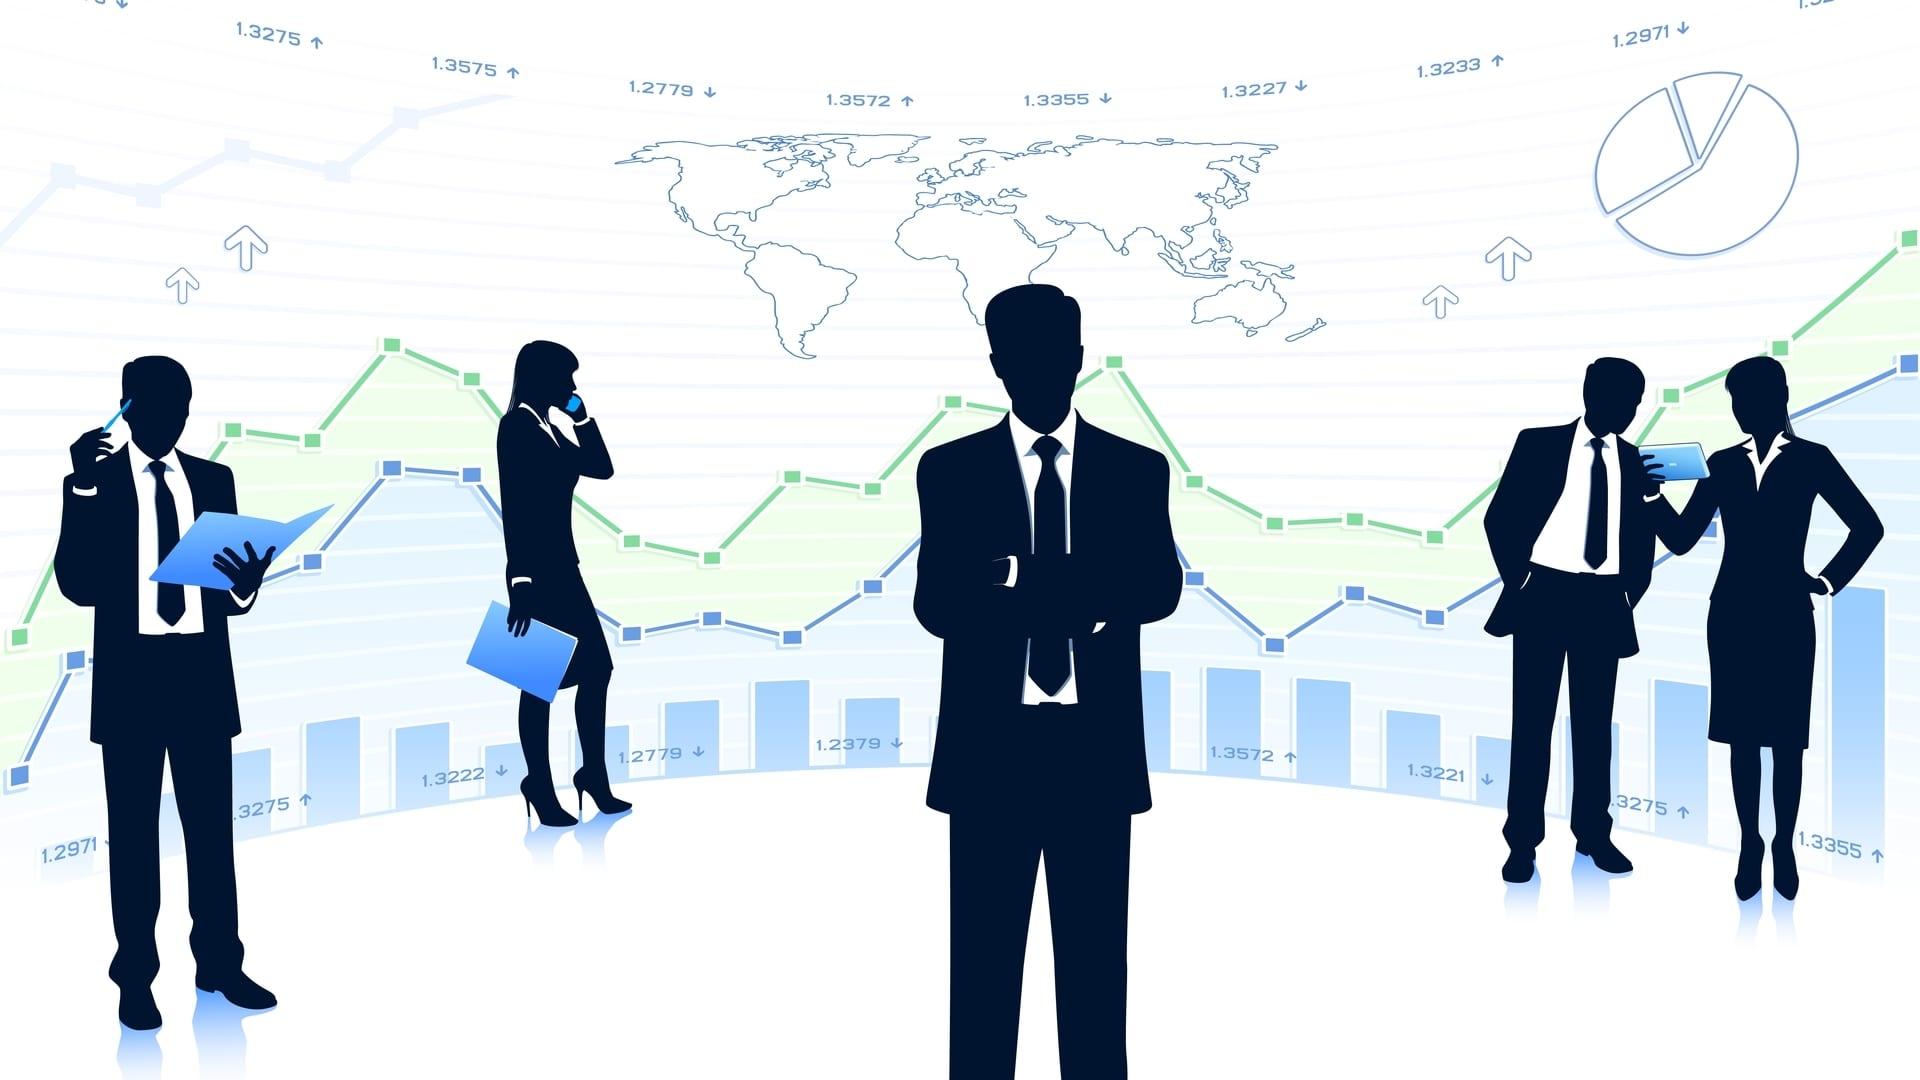 أساسيات إدارة الأعمال